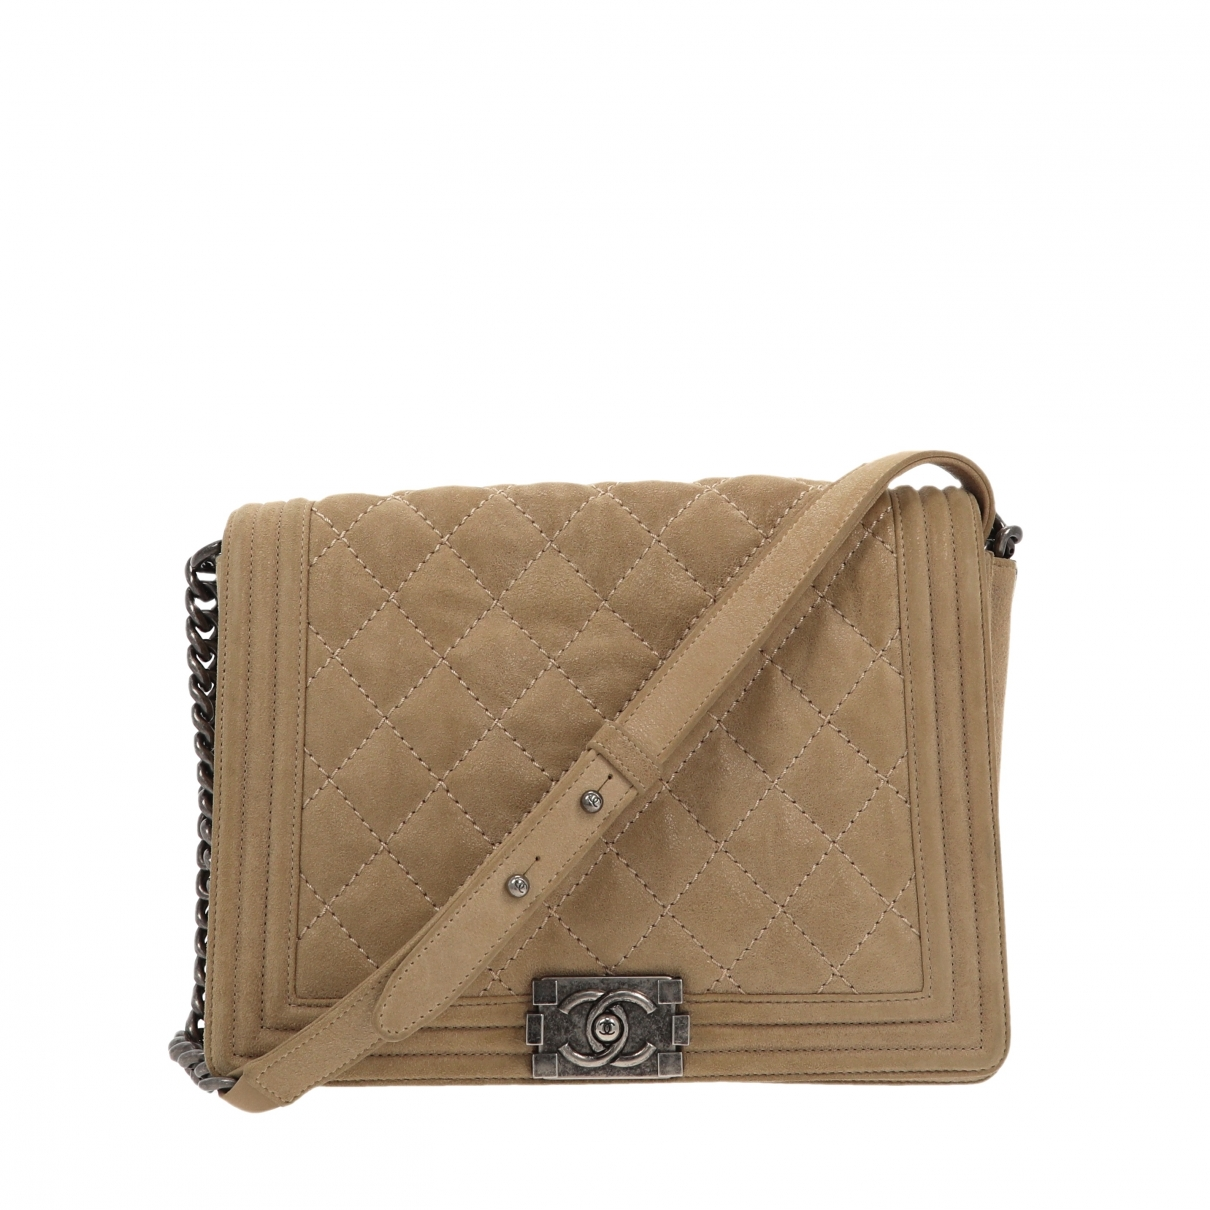 Chanel Boy Handtasche in  Beige Veloursleder